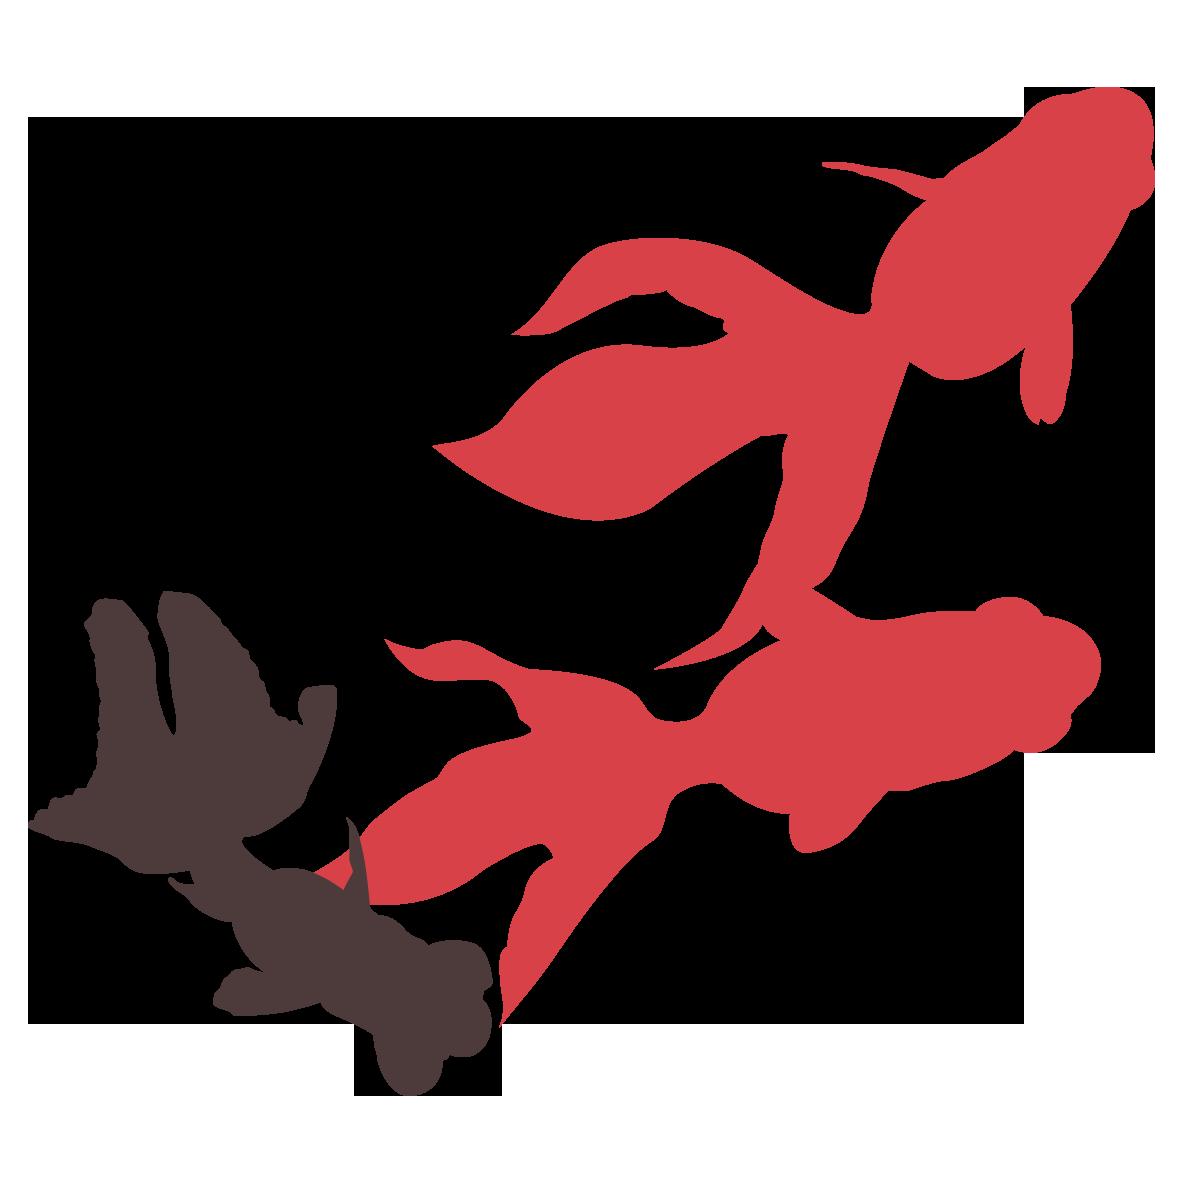 赤い金魚と黒い金魚 無料イラスト イラストareira